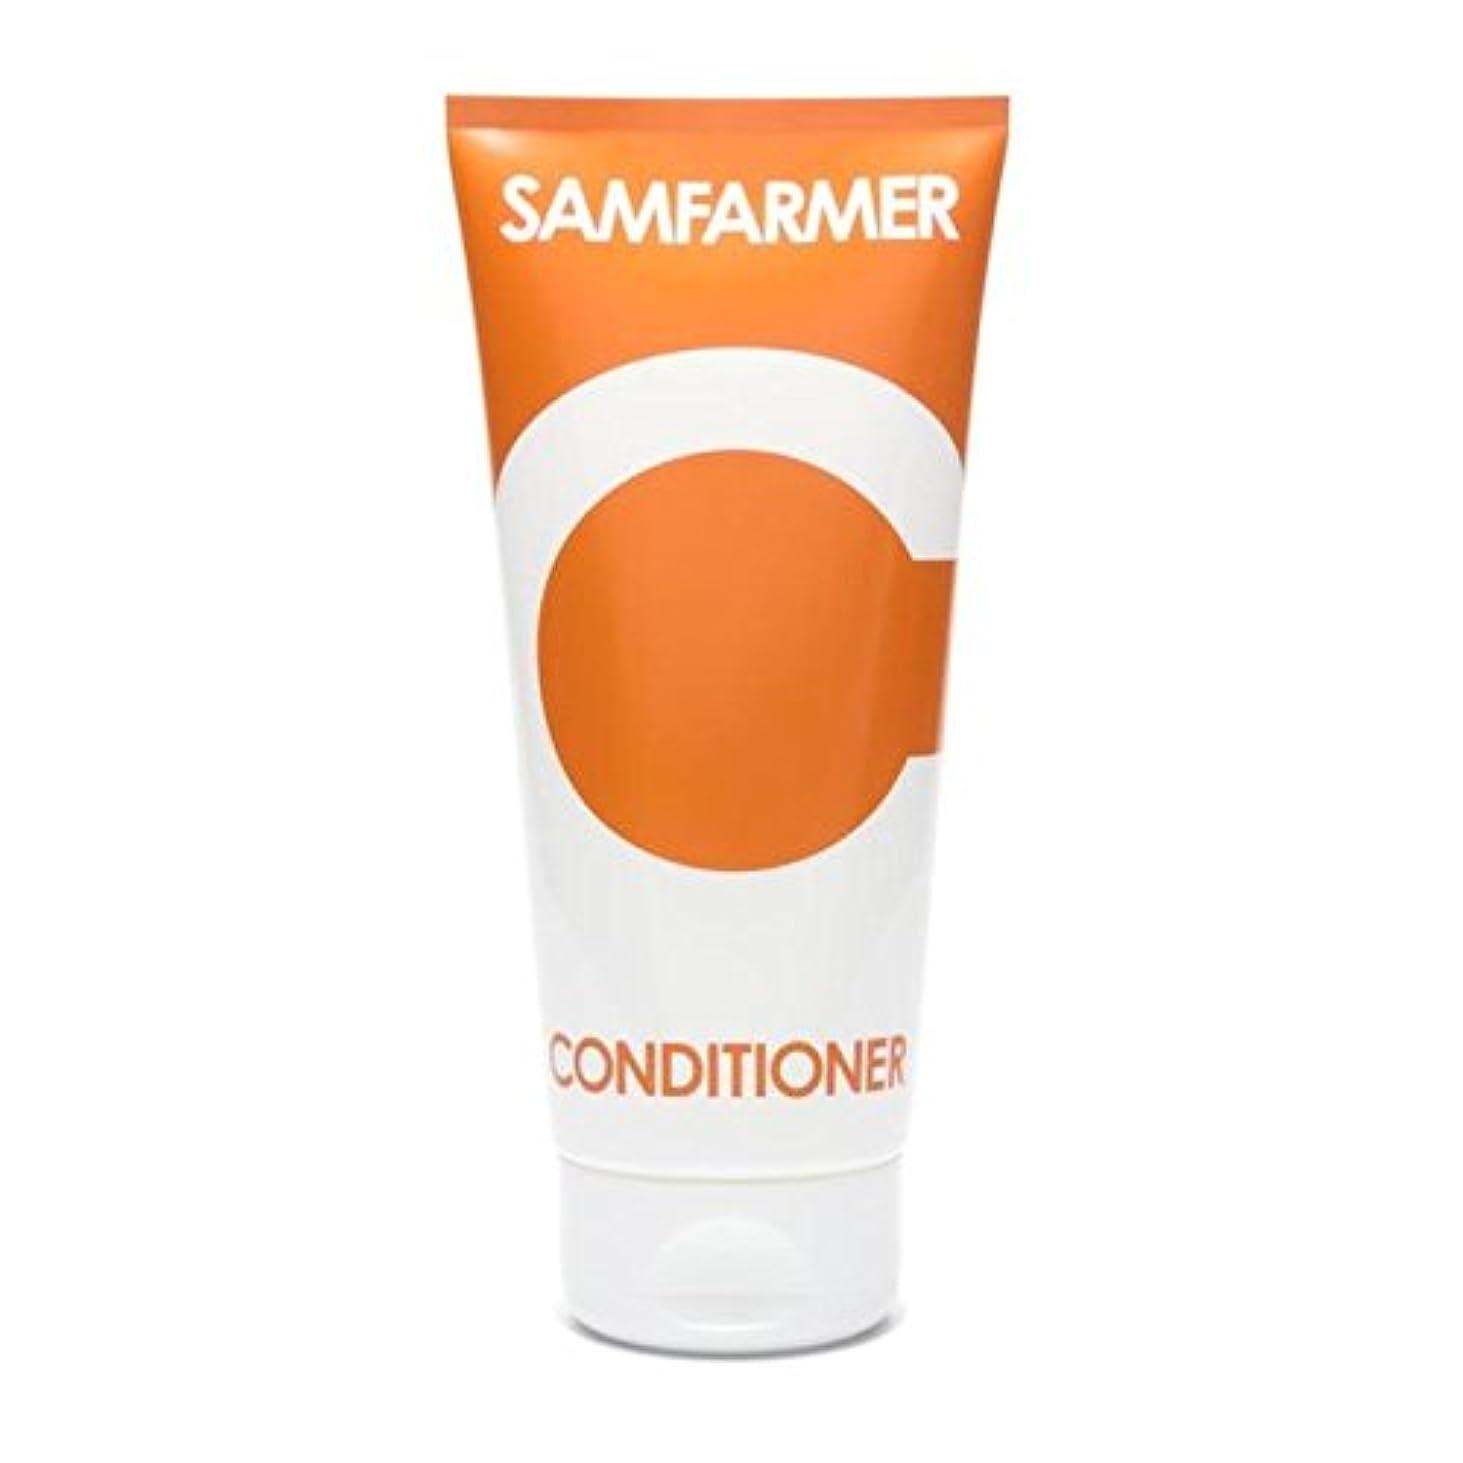 服を洗う説得ラインナップSAMFARMER Unisex Conditioner 200ml - ユニセックスコンディショナー200 [並行輸入品]